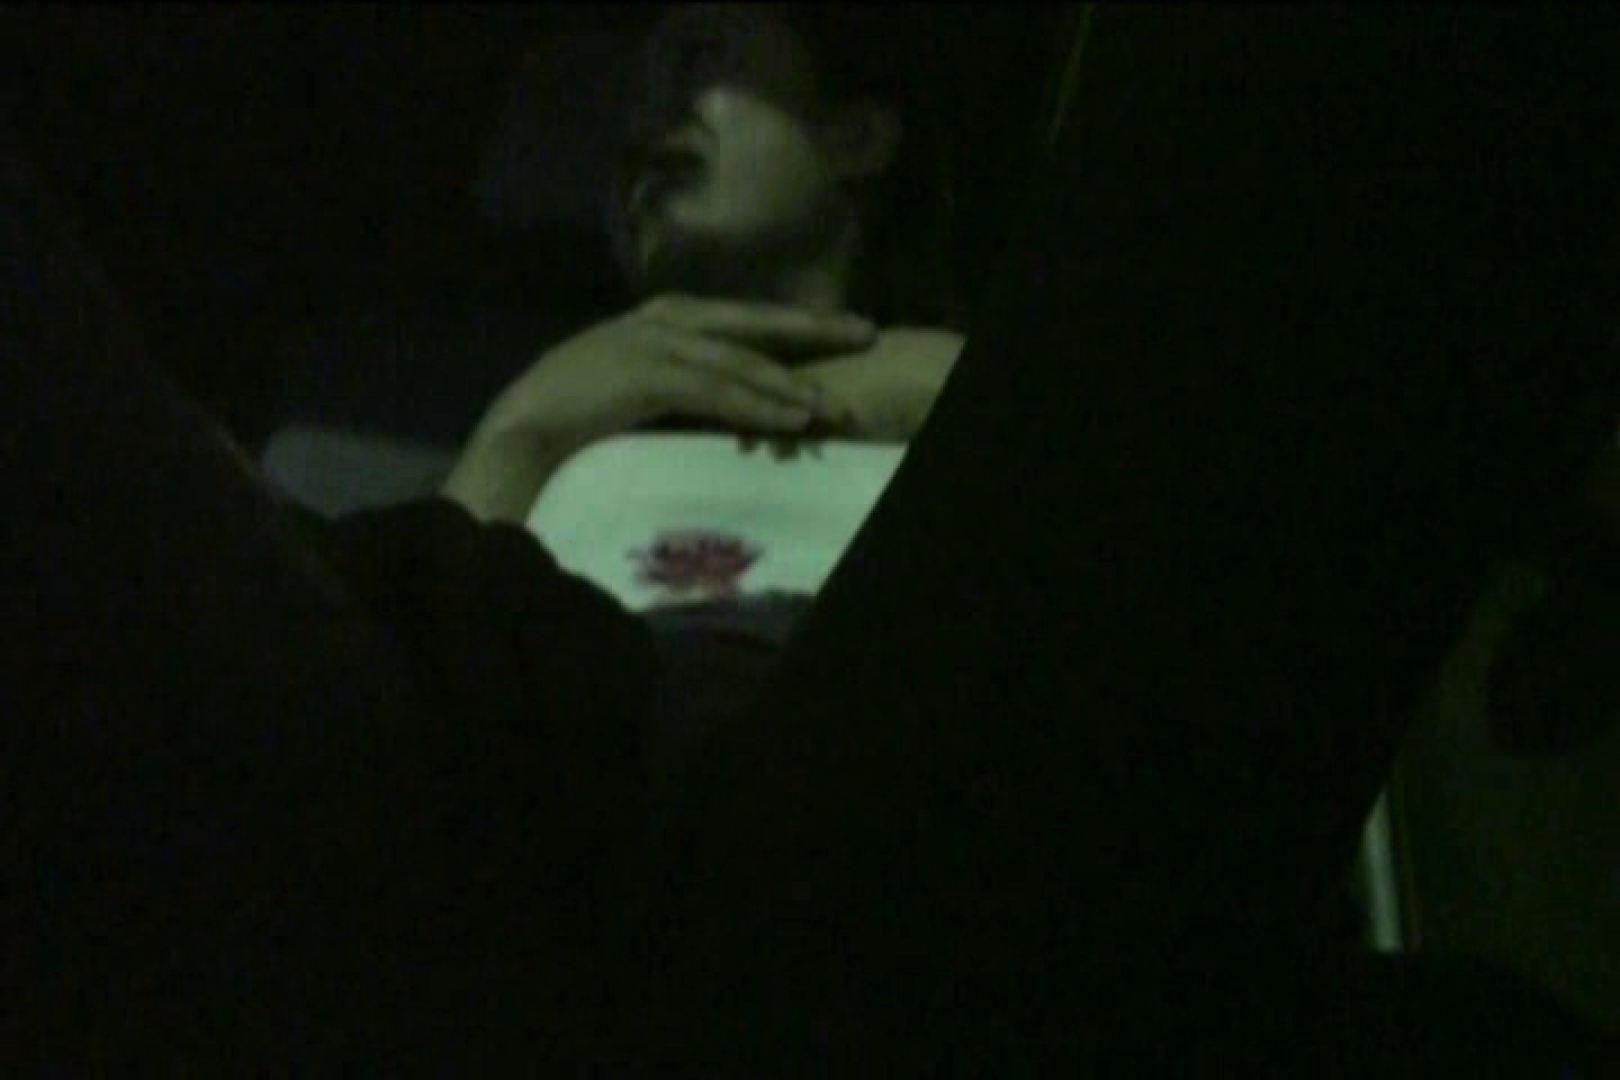 車内で初めまして! vol01 車 盗撮動画紹介 105連発 12